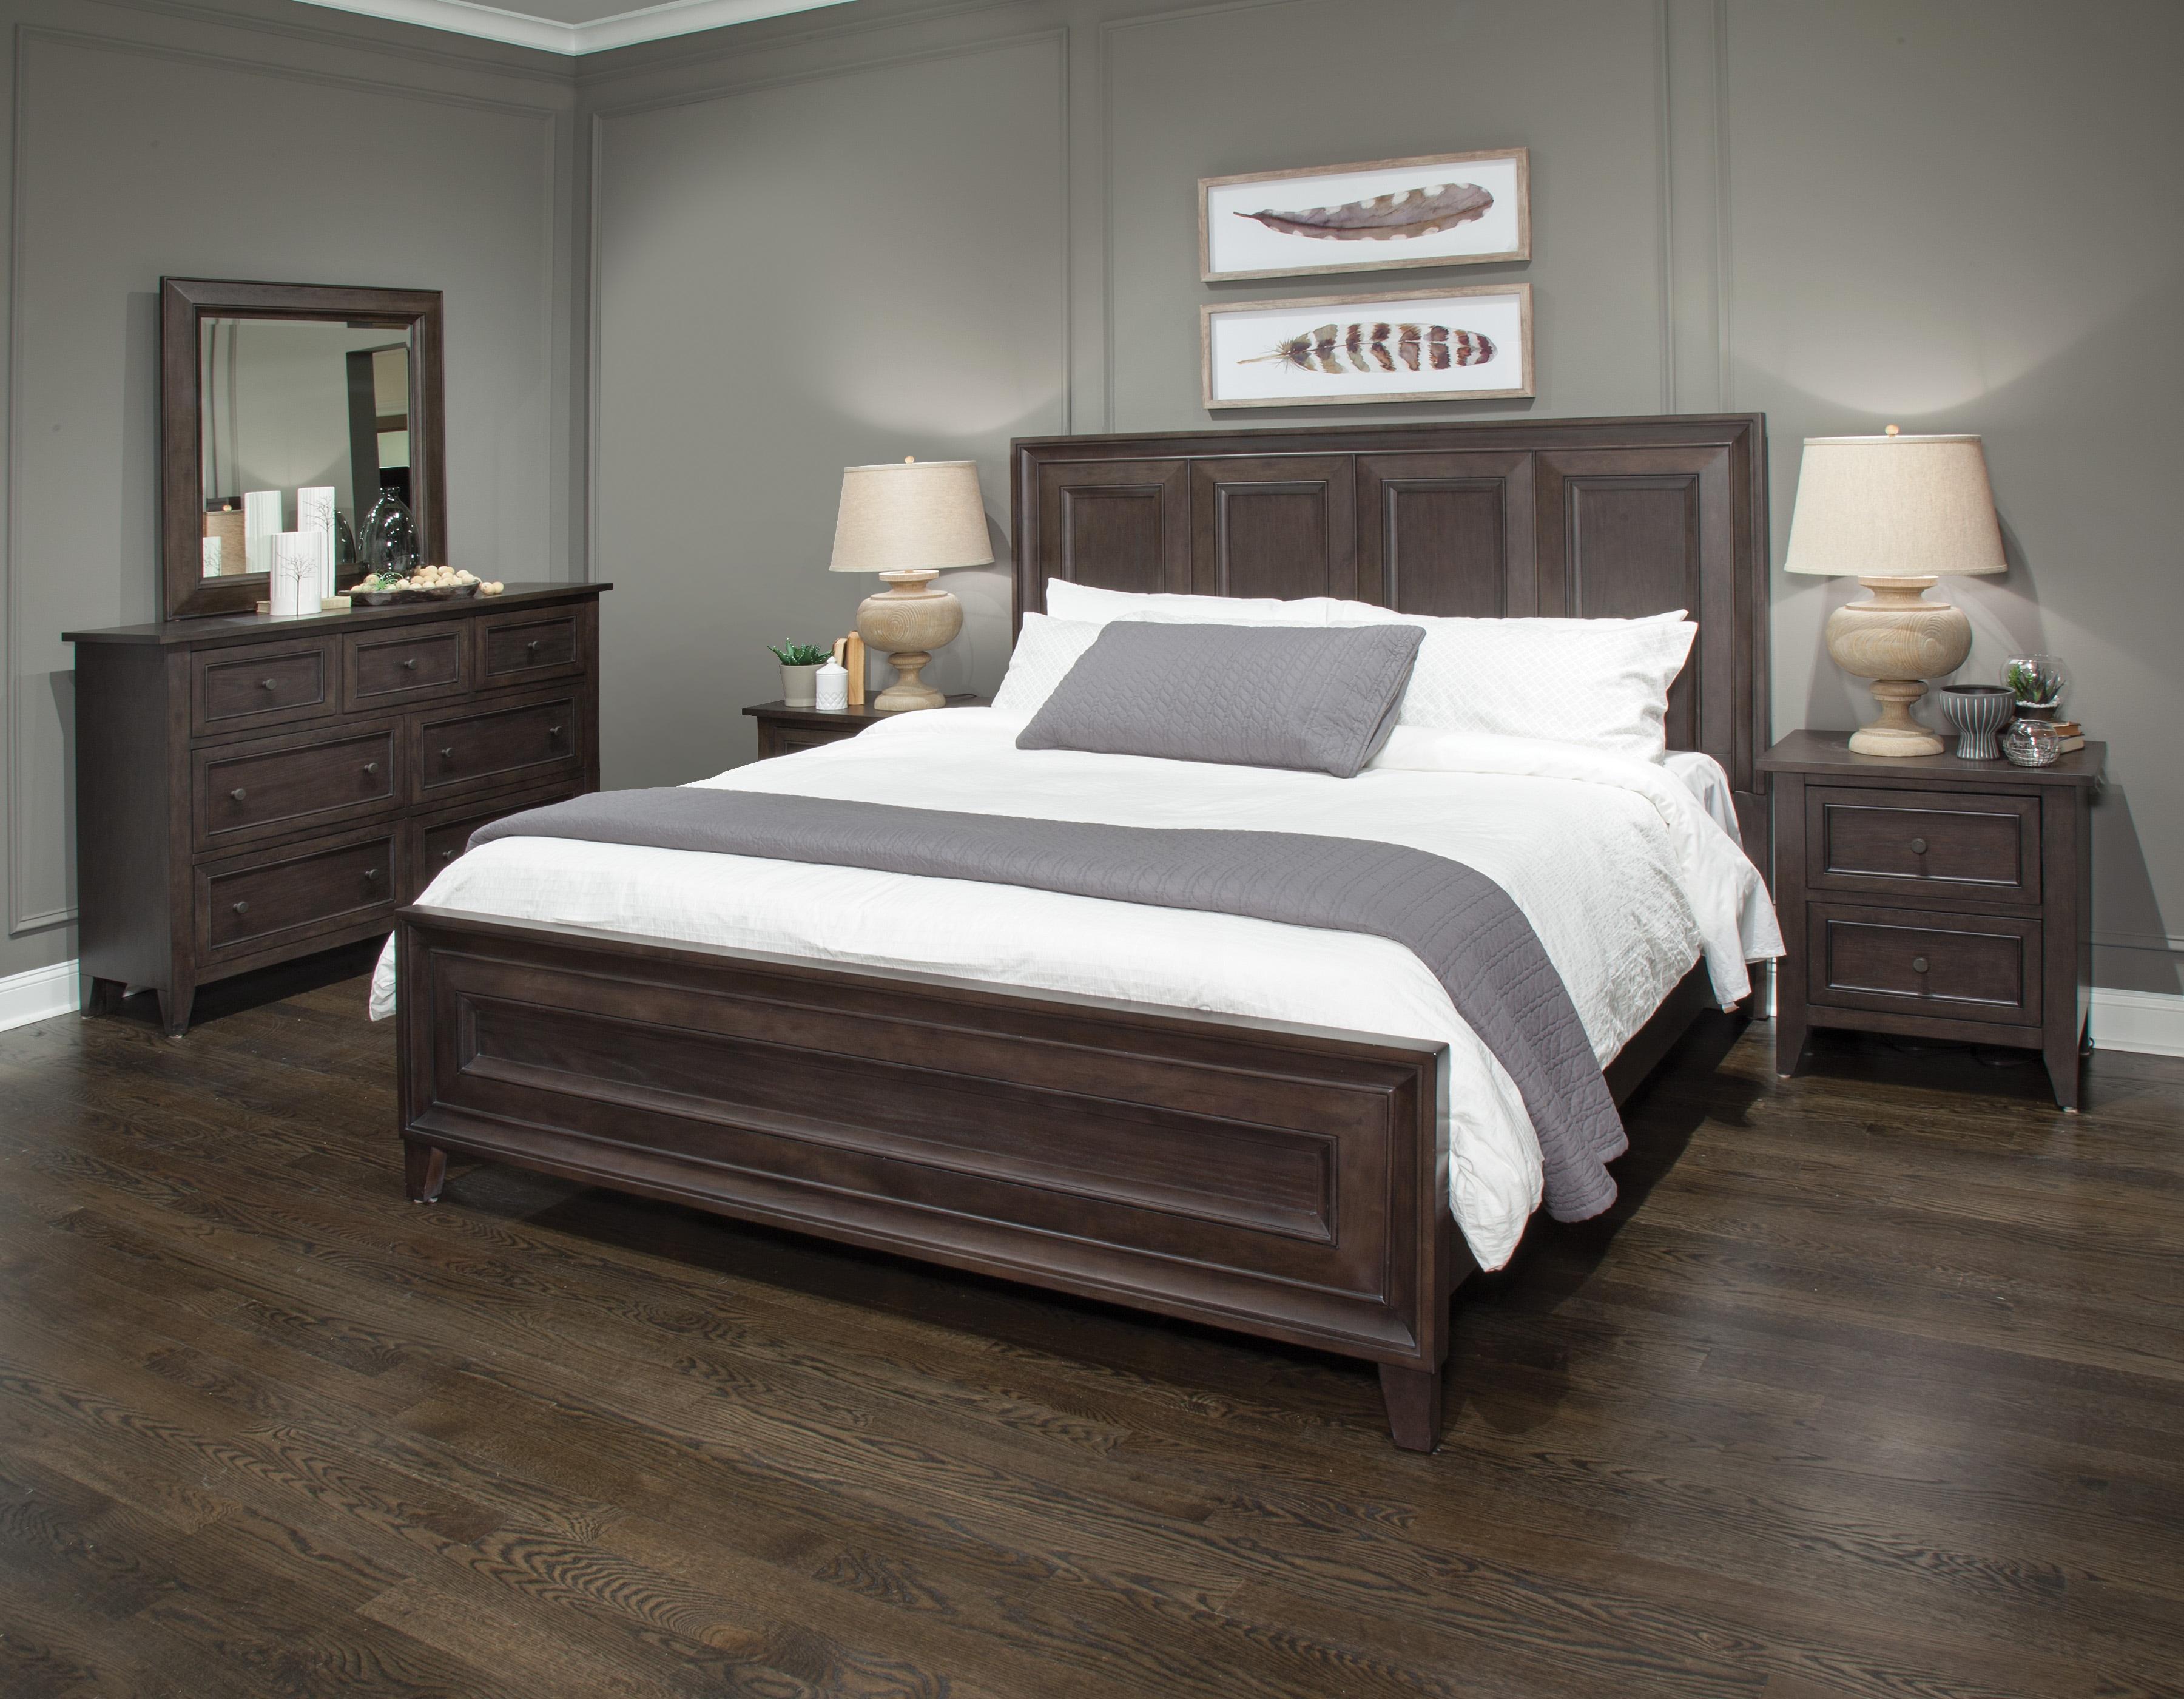 Murray Hill 4-Piece Queen Bedroom Set - Chestnut